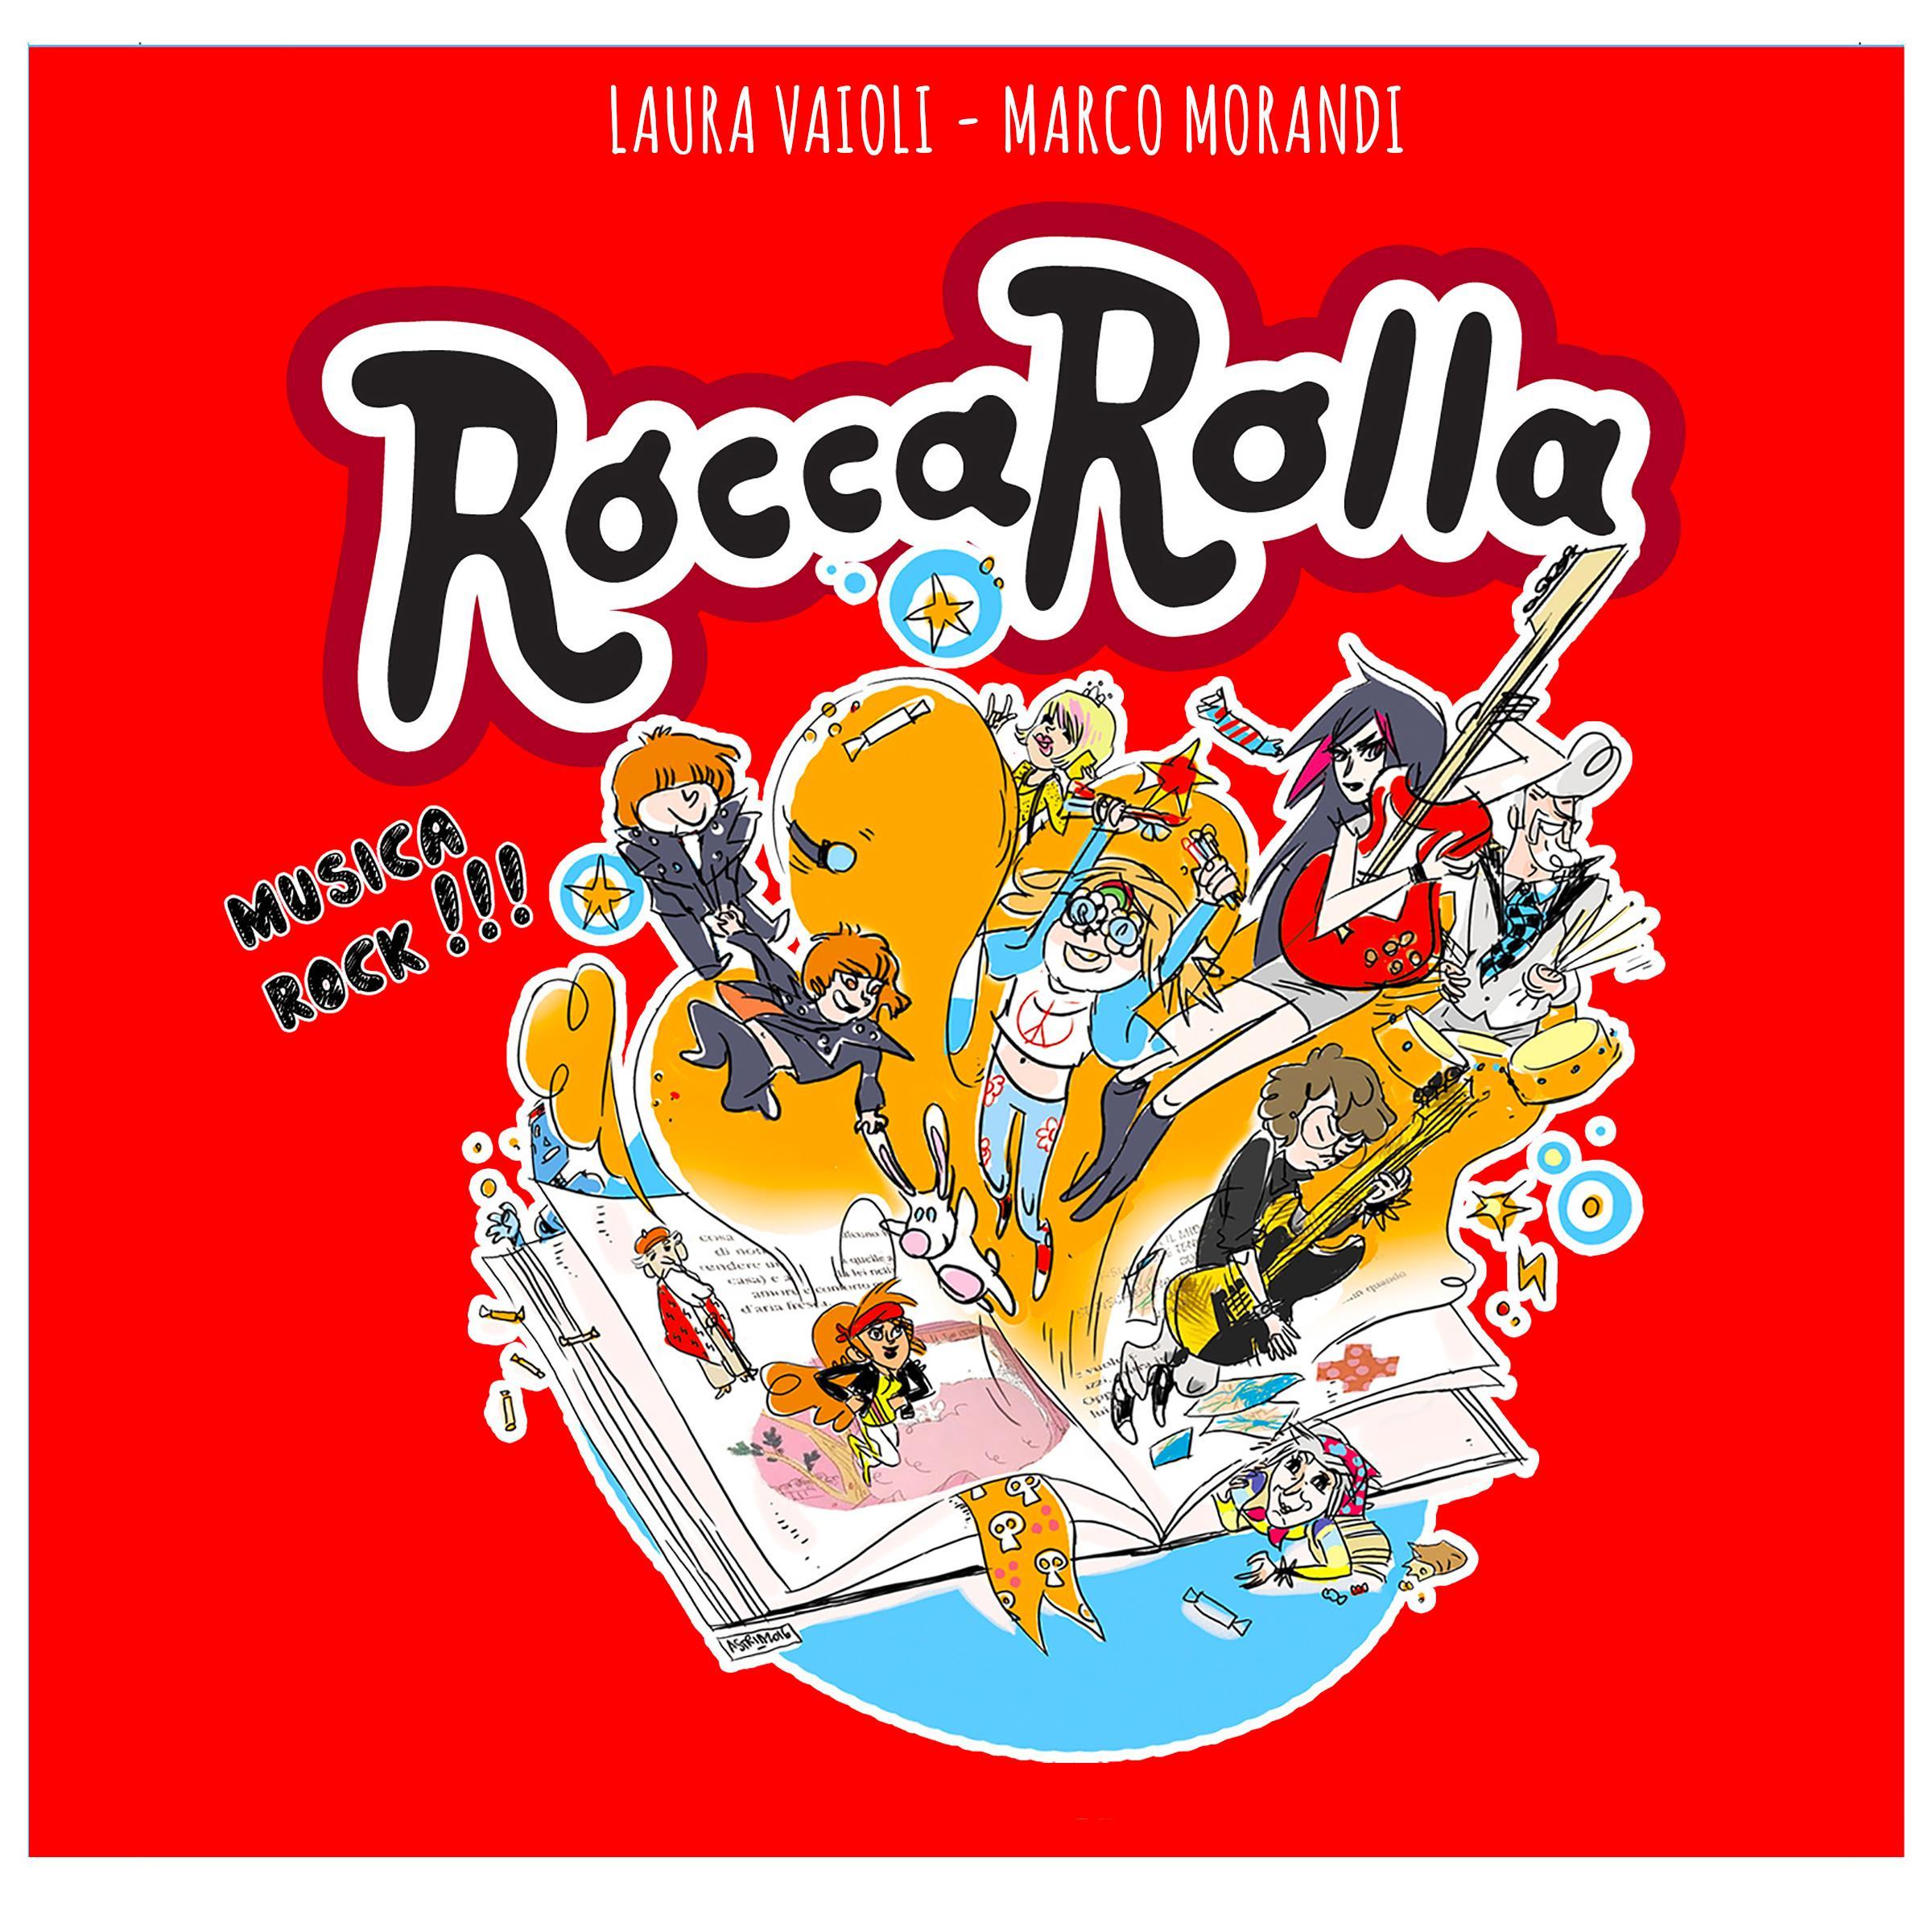 La Famiglia Roccarolla - Segreti in cantina